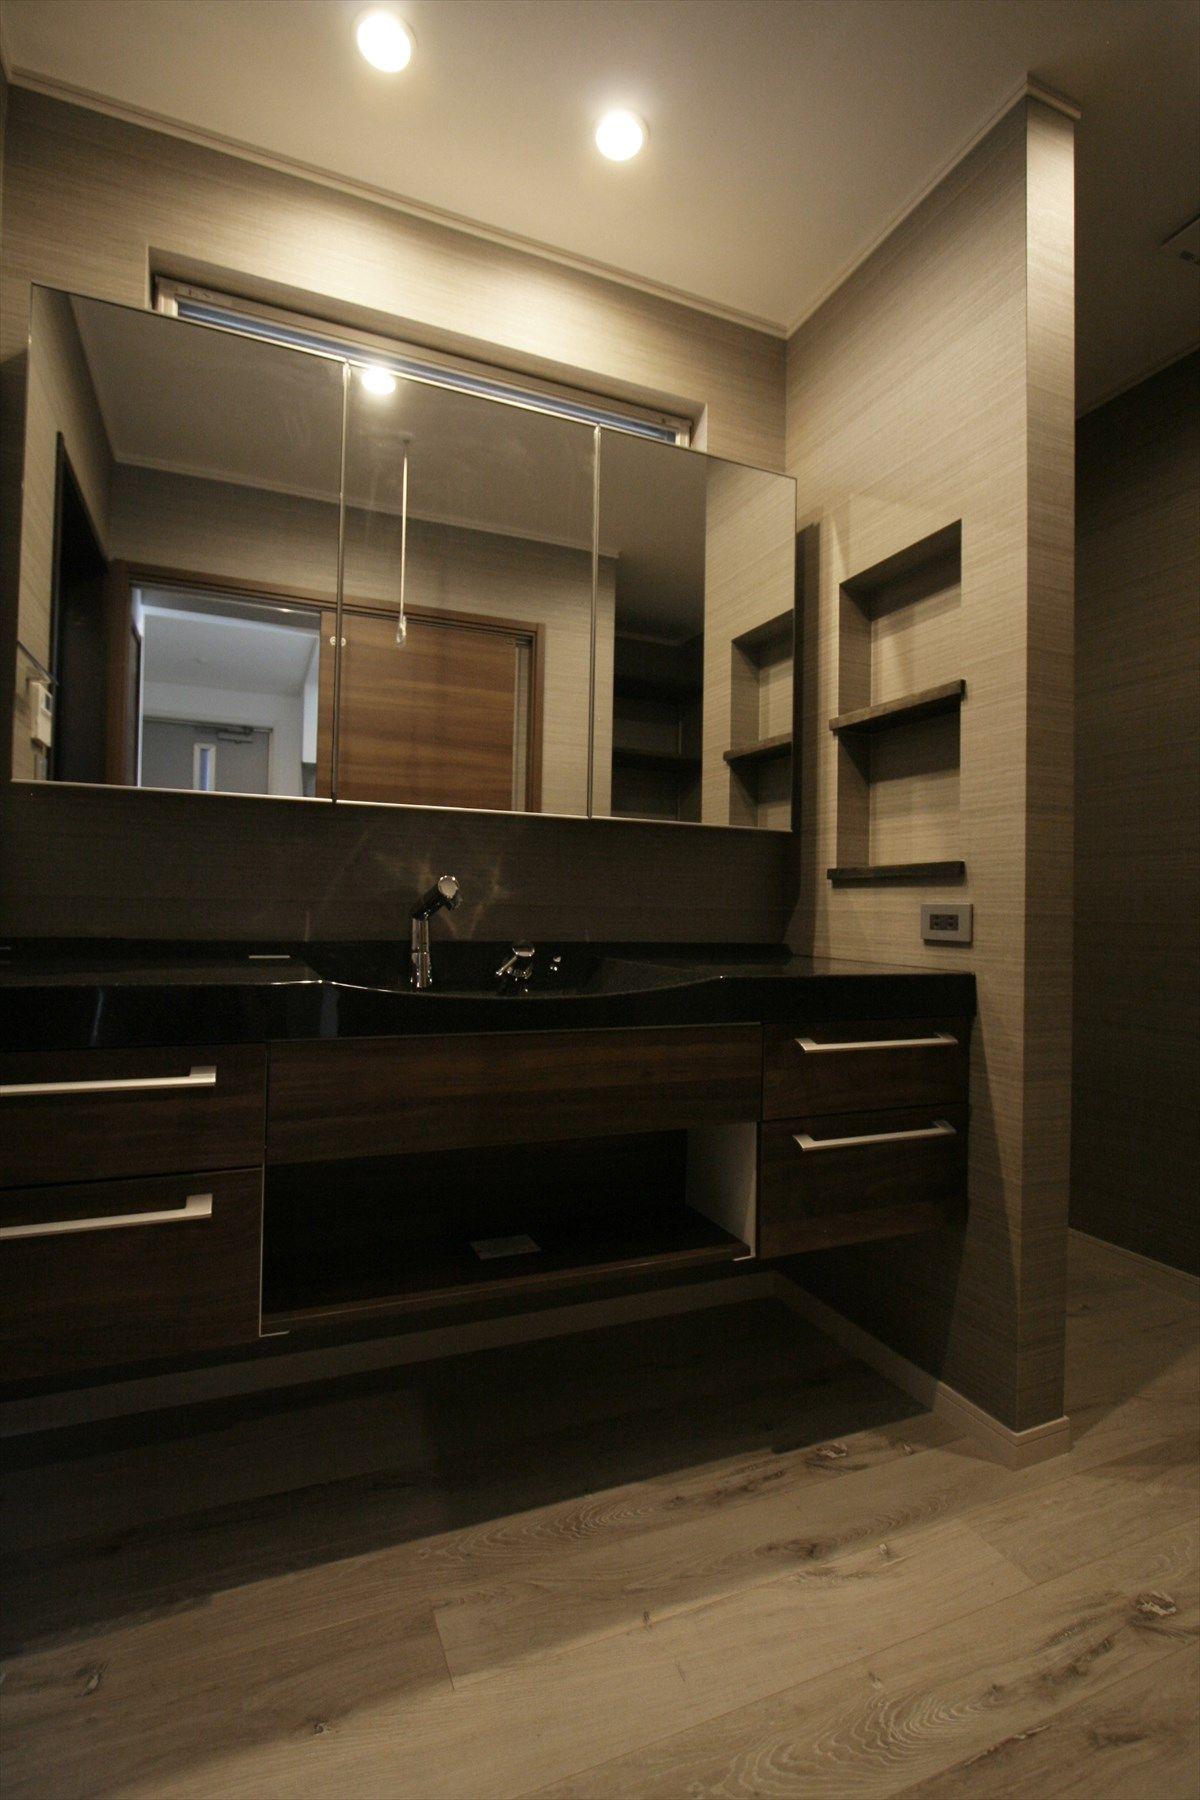 造作洗面台 洗面室 シンプル モダン 三面鏡 注文住宅 インテリア